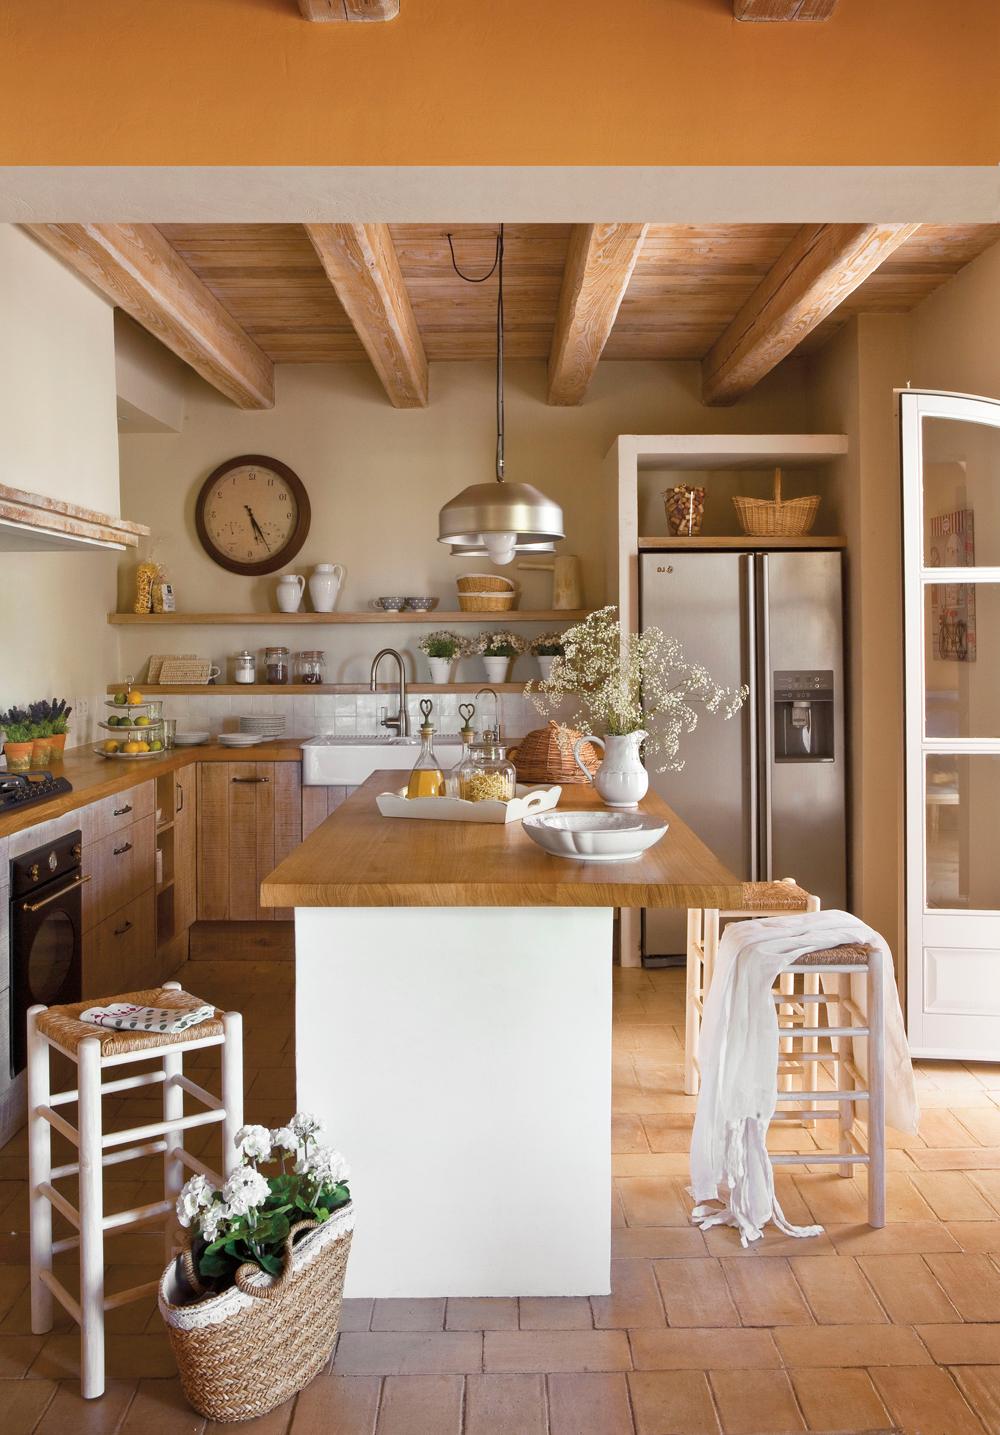 Muebles De Cocina Rusticos Baratos E6d5 50 Cocinas Rústicas Bonitas Con Muebles Vintage Y Mucho Encanto